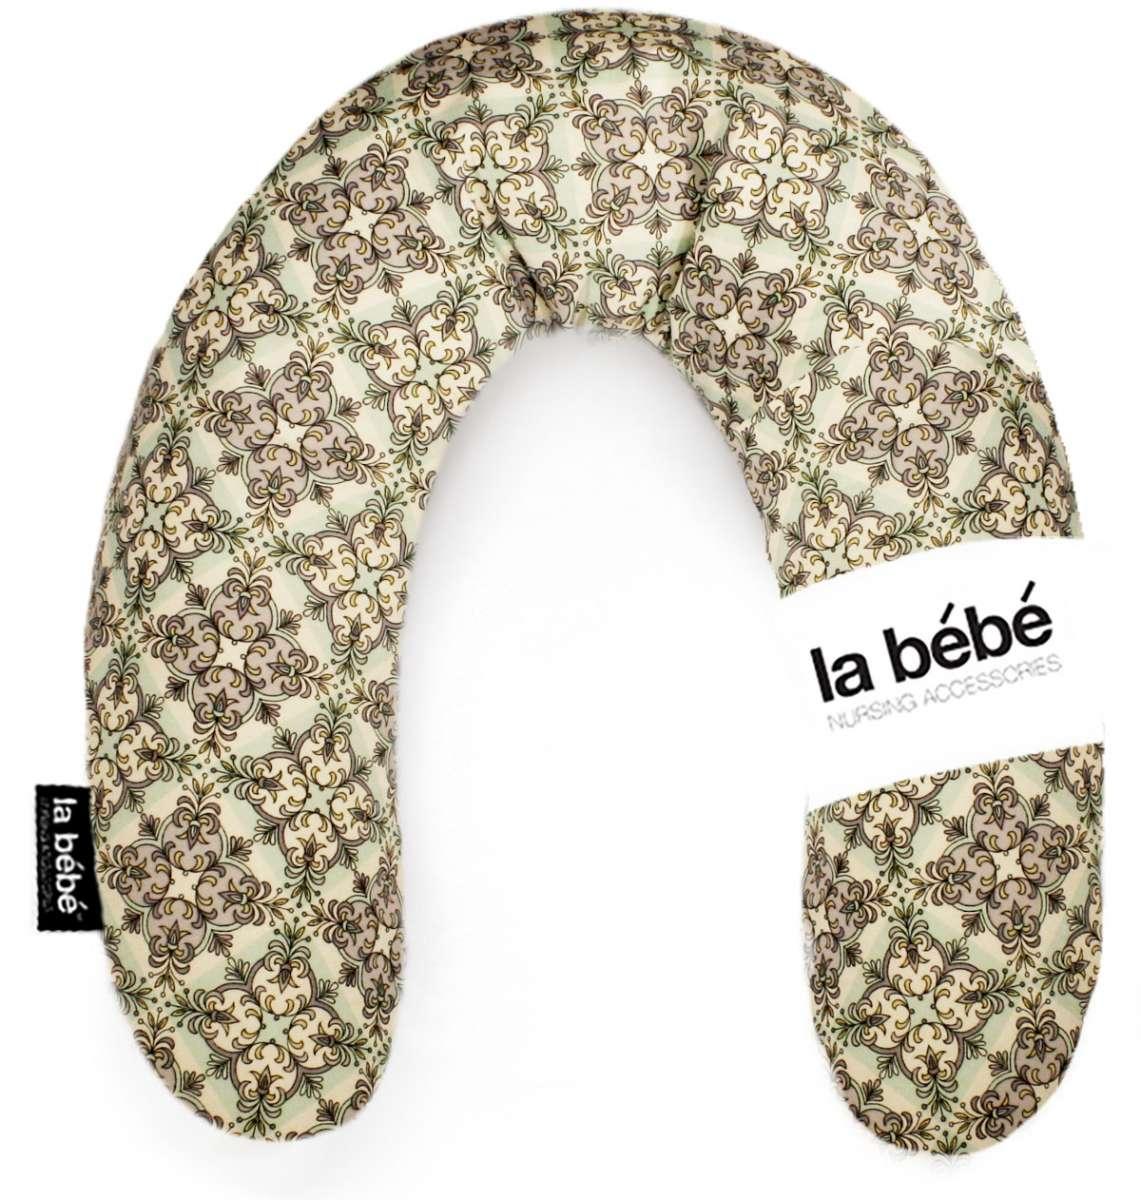 La Bebe Rich Cotton Nursing Maternity Pillow Ornament Pakaviņš pakavs mazuļa barošanai, gulēšanai